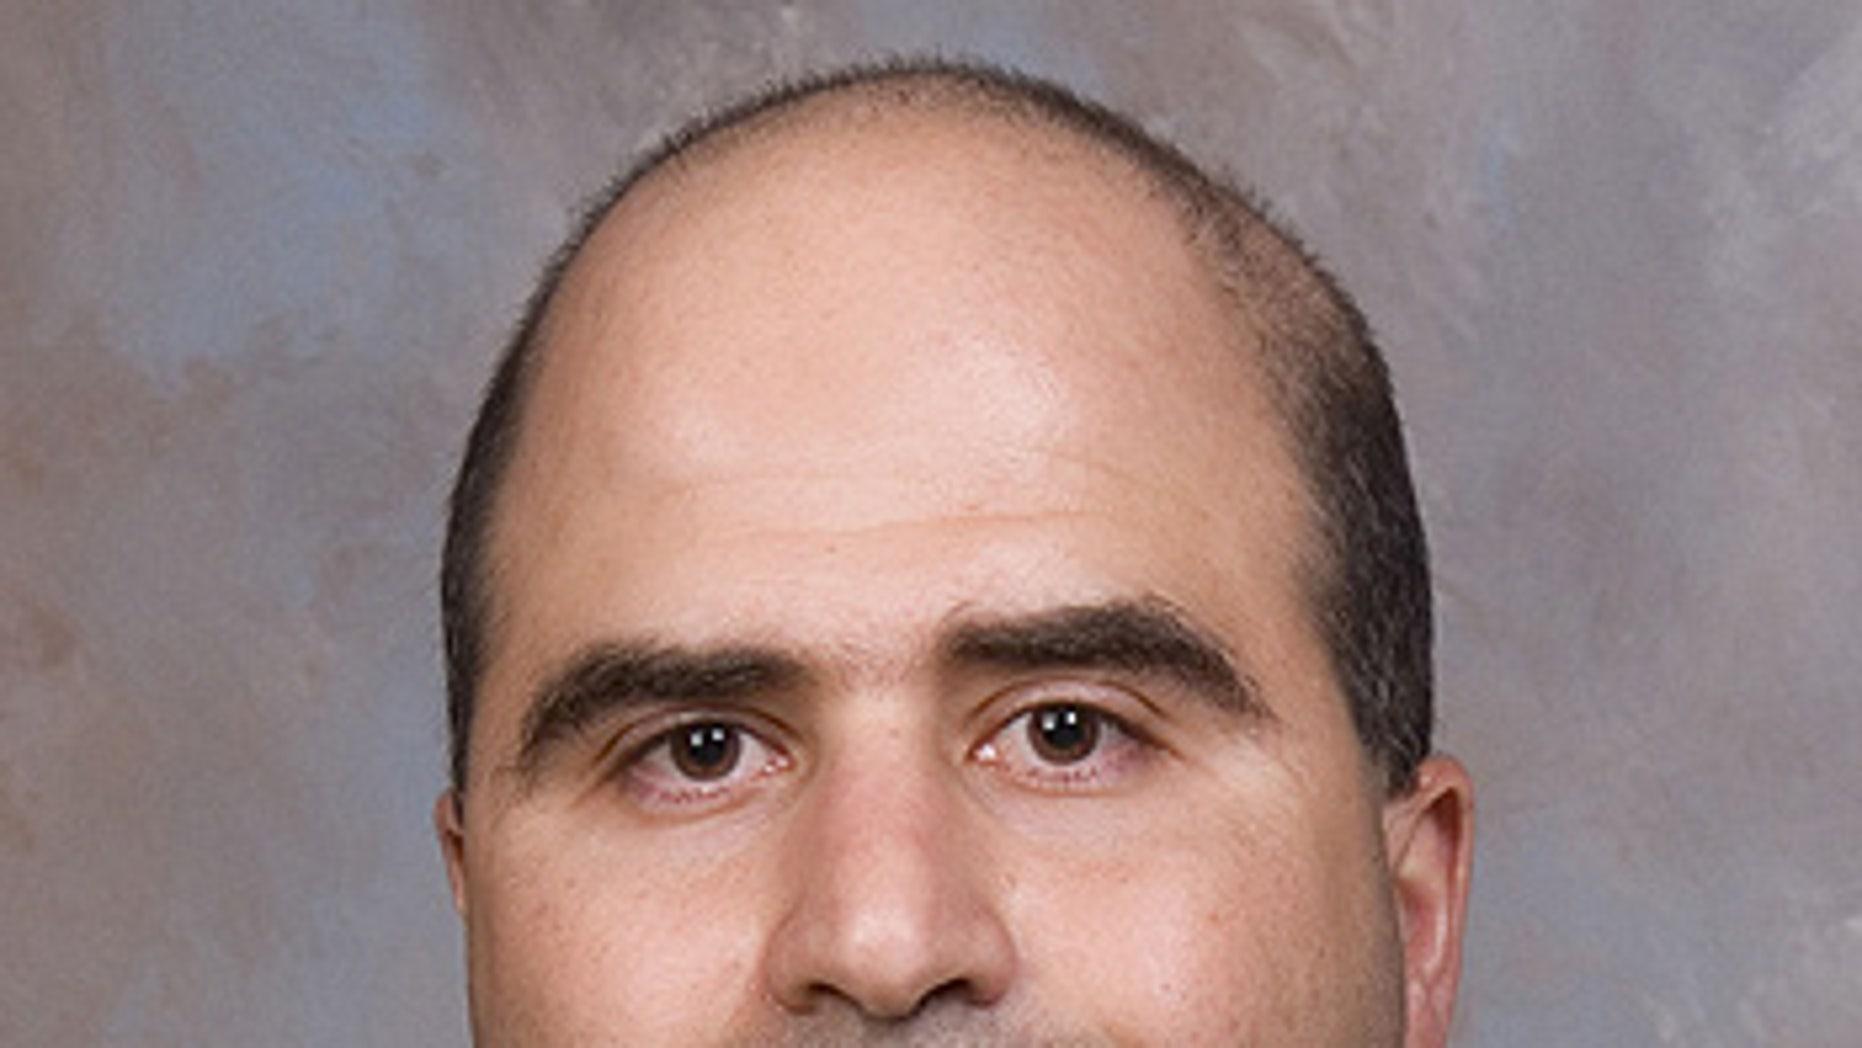 Nidal Malik Hasan in 2007